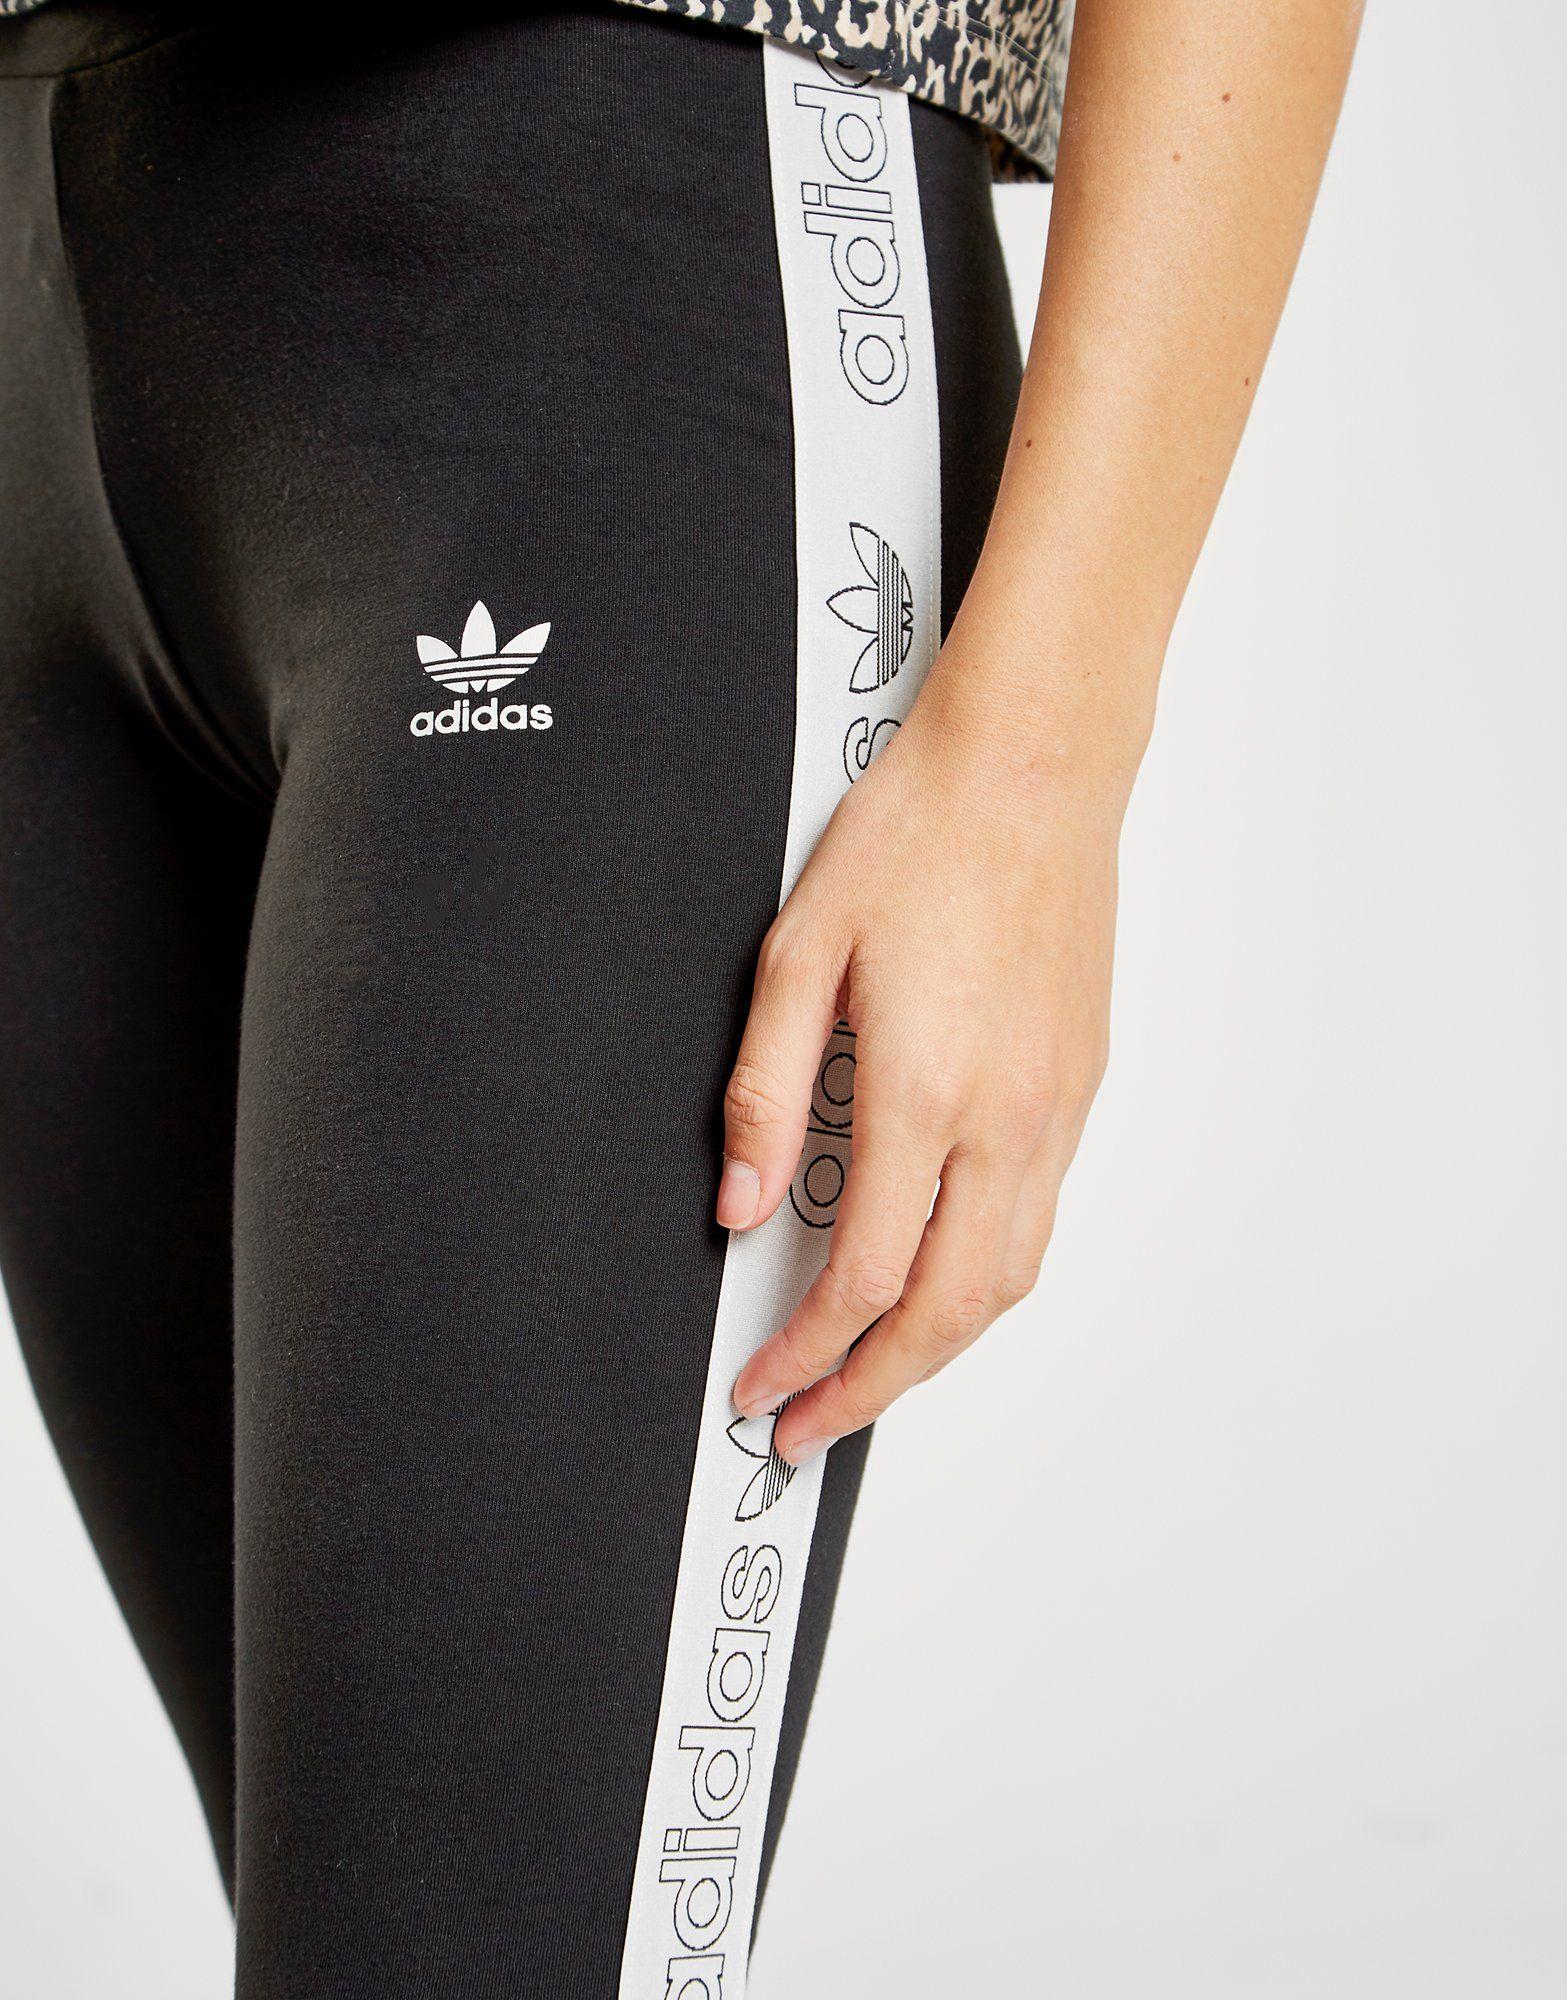 adidas Originals Tape Leggings